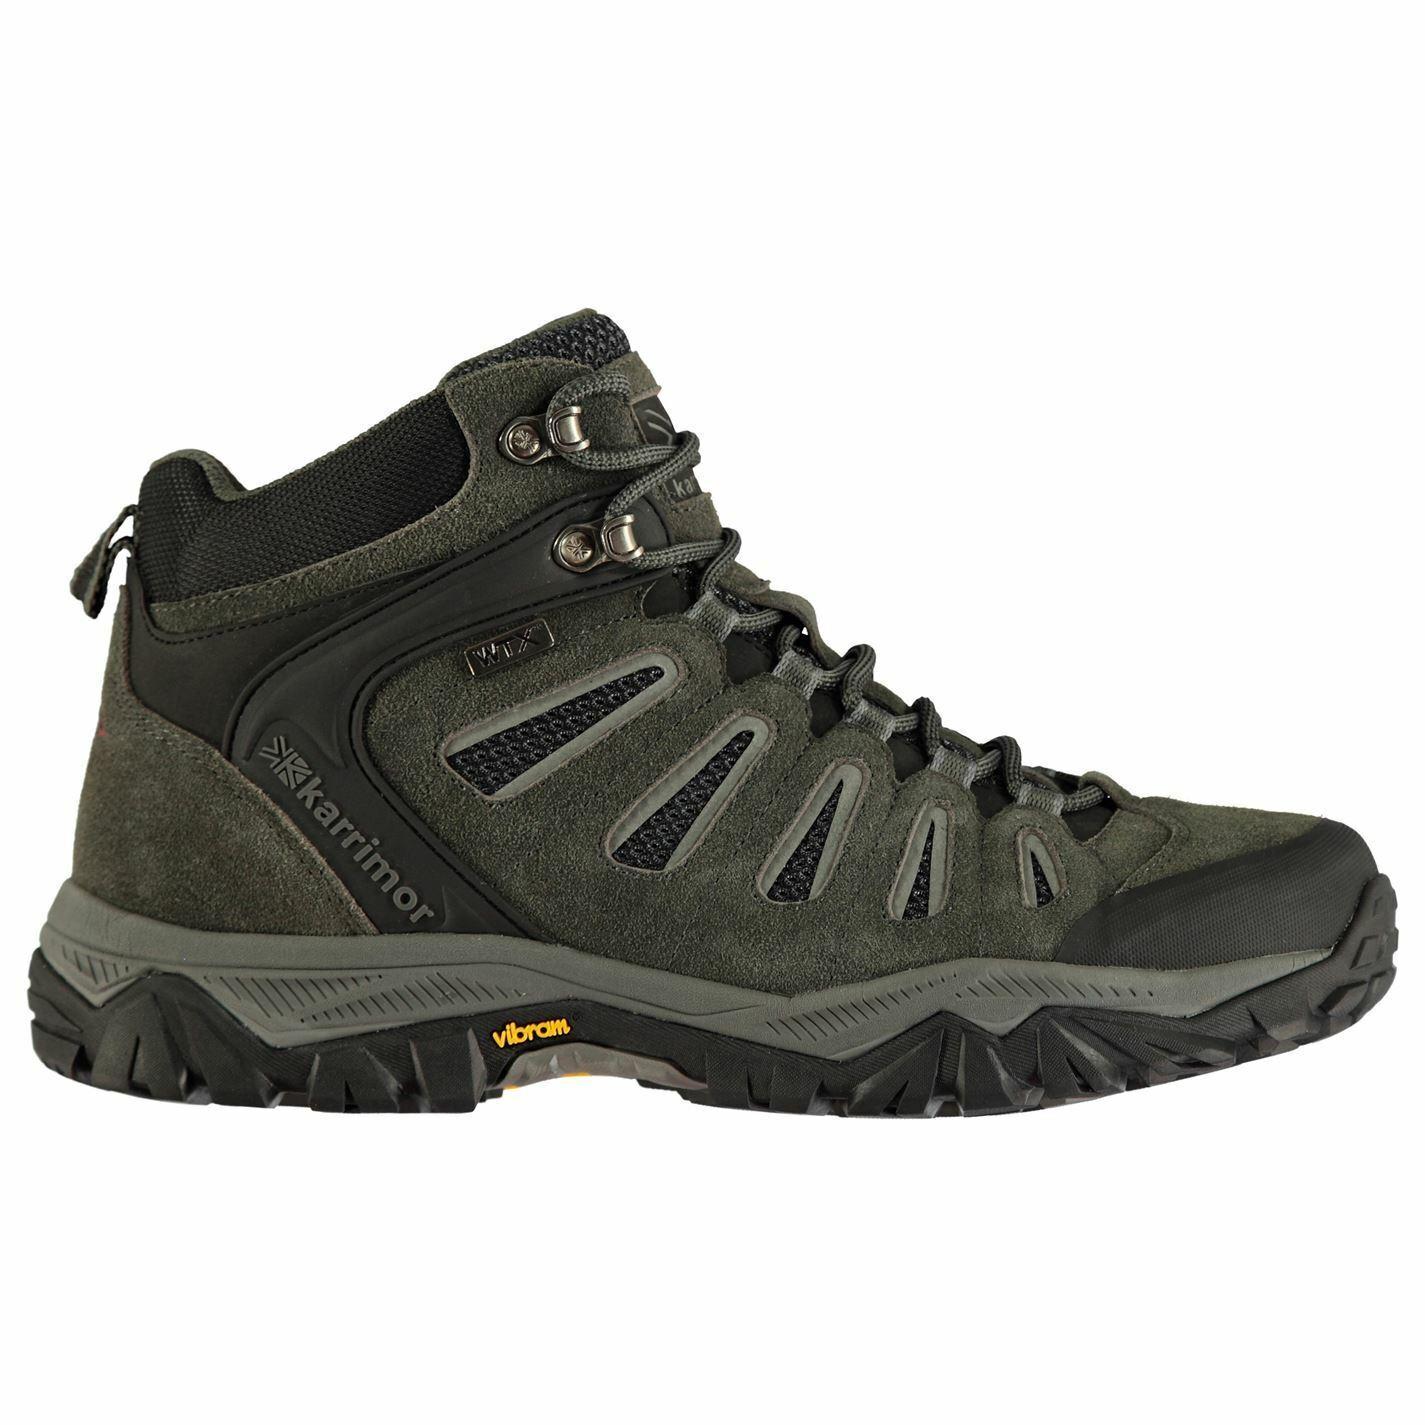 Karrimor Karrimor Karrimor Wildcat Mid zapatos Marche hombres negros 3dff7c